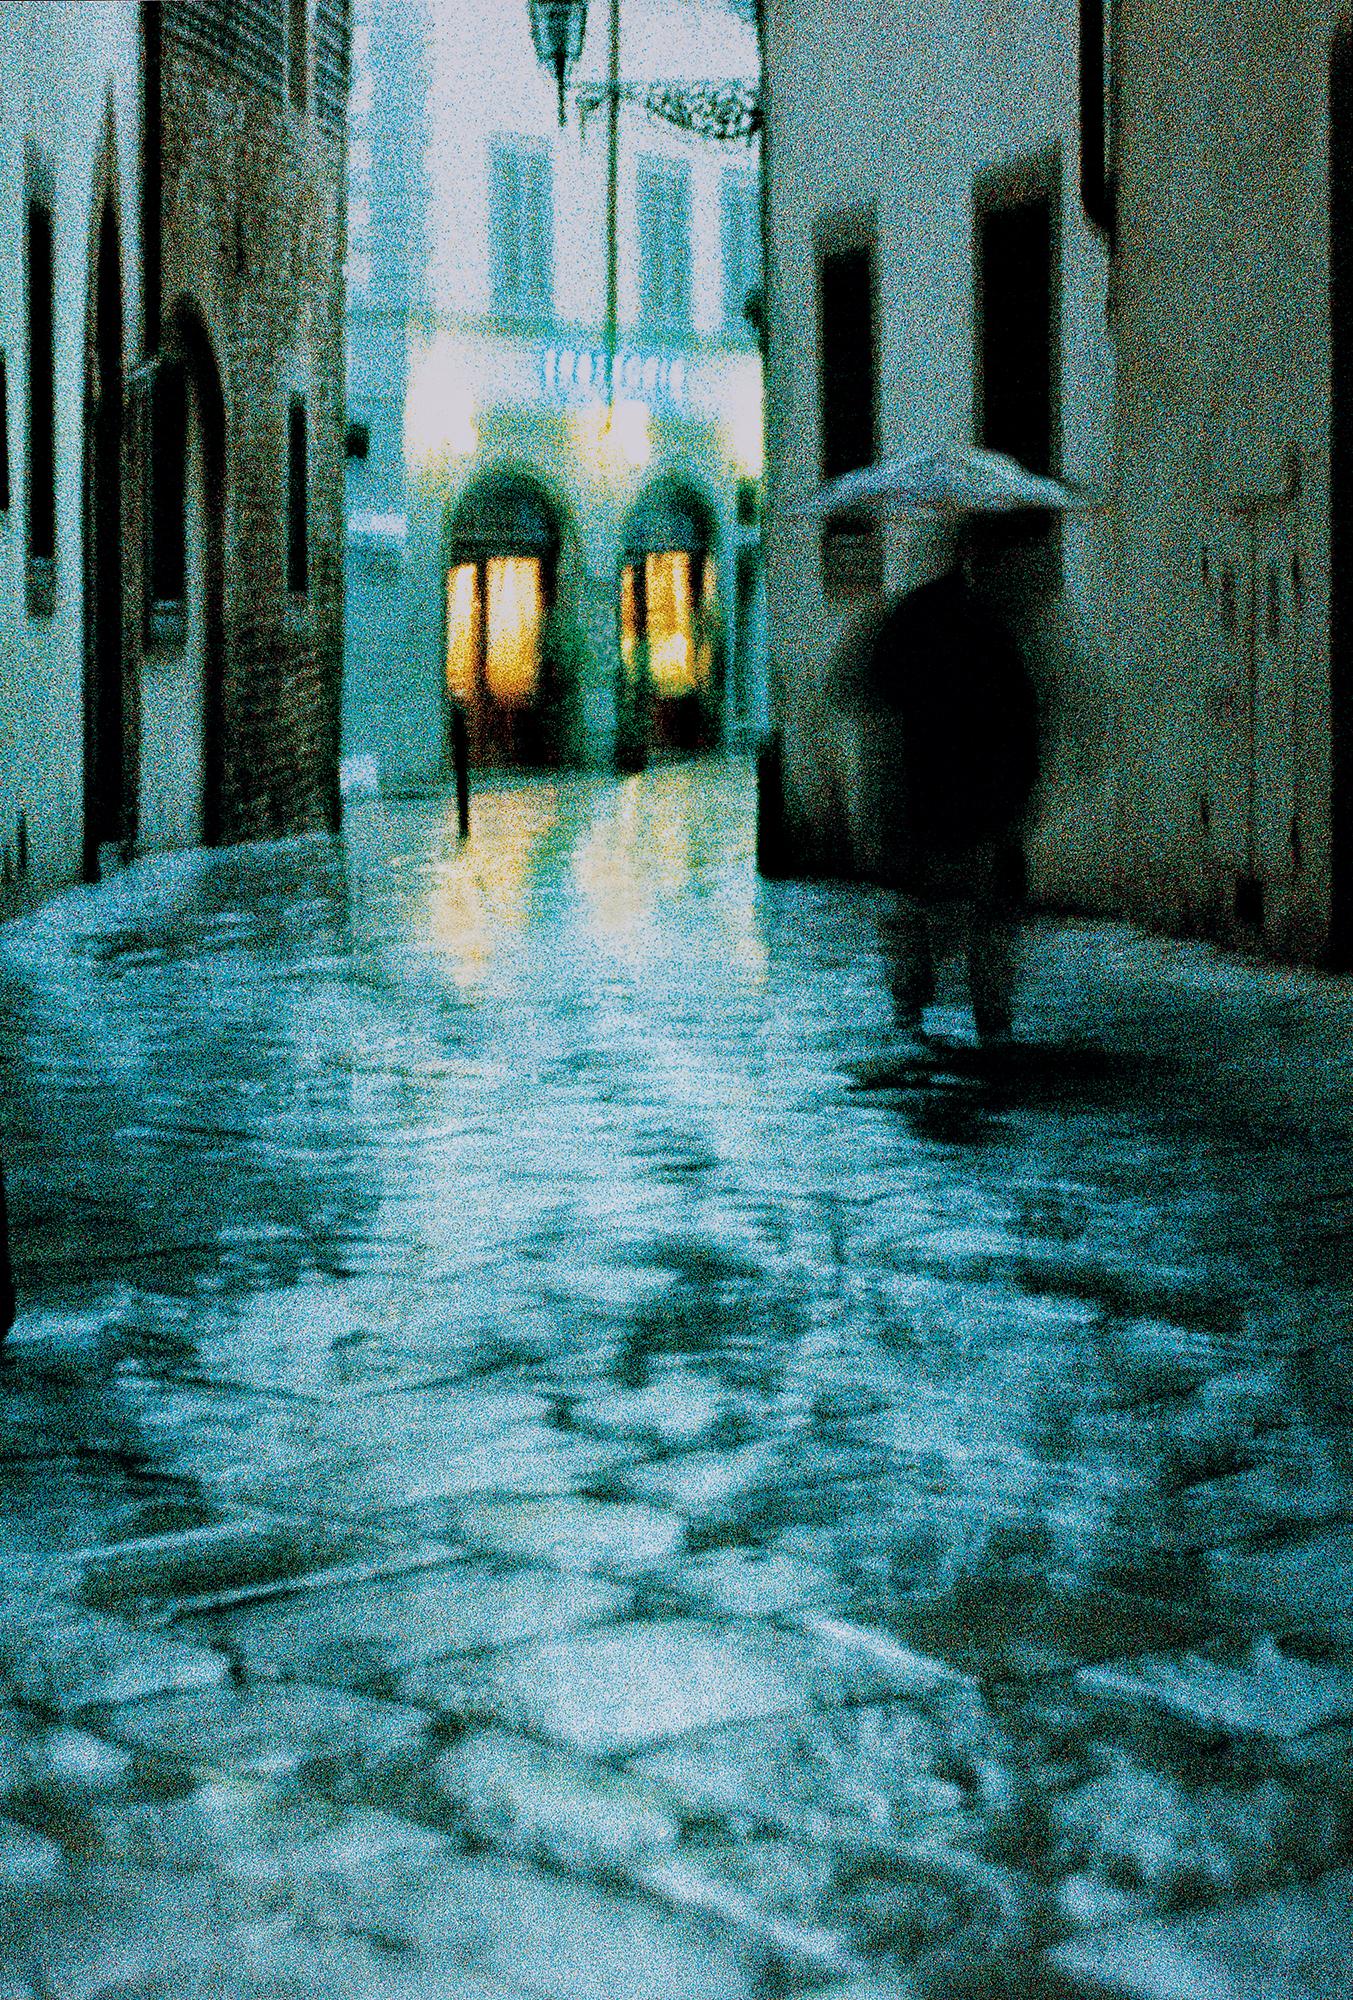 Umbrellas1.jpg